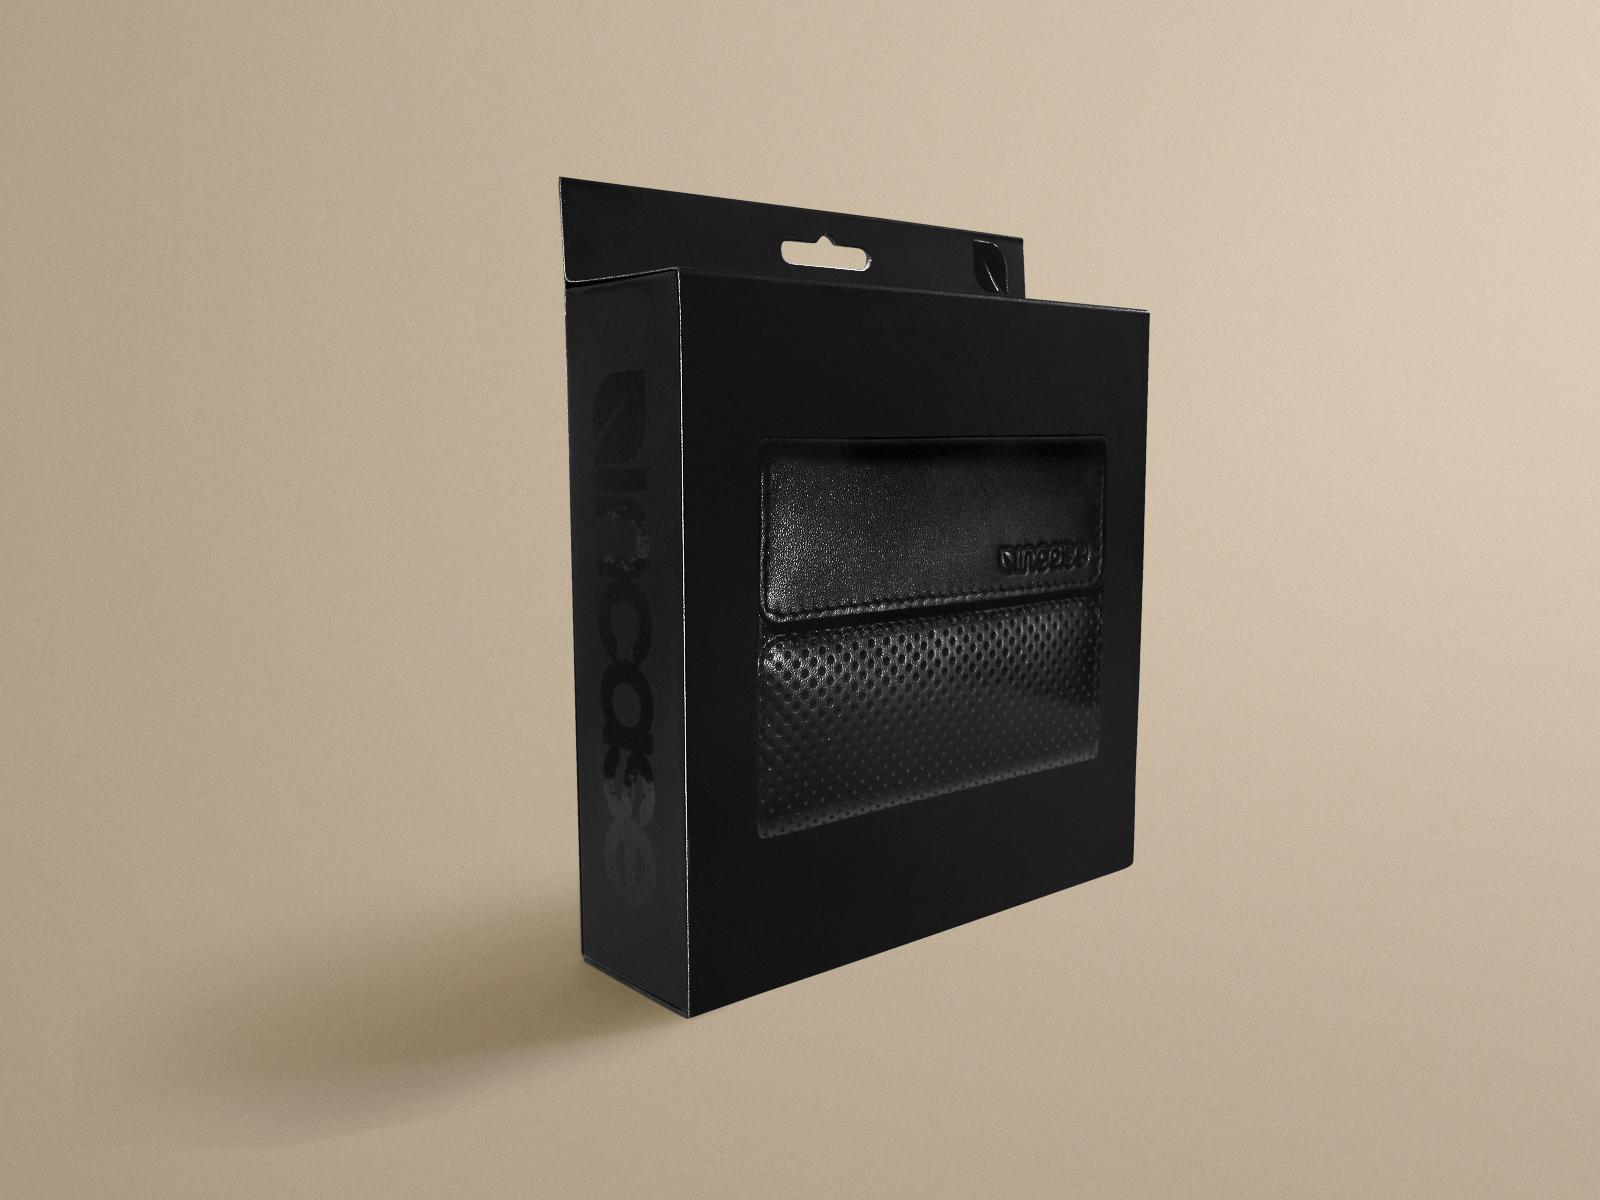 incase-LuxBox-closed-1600x1000-rev2019.jpg